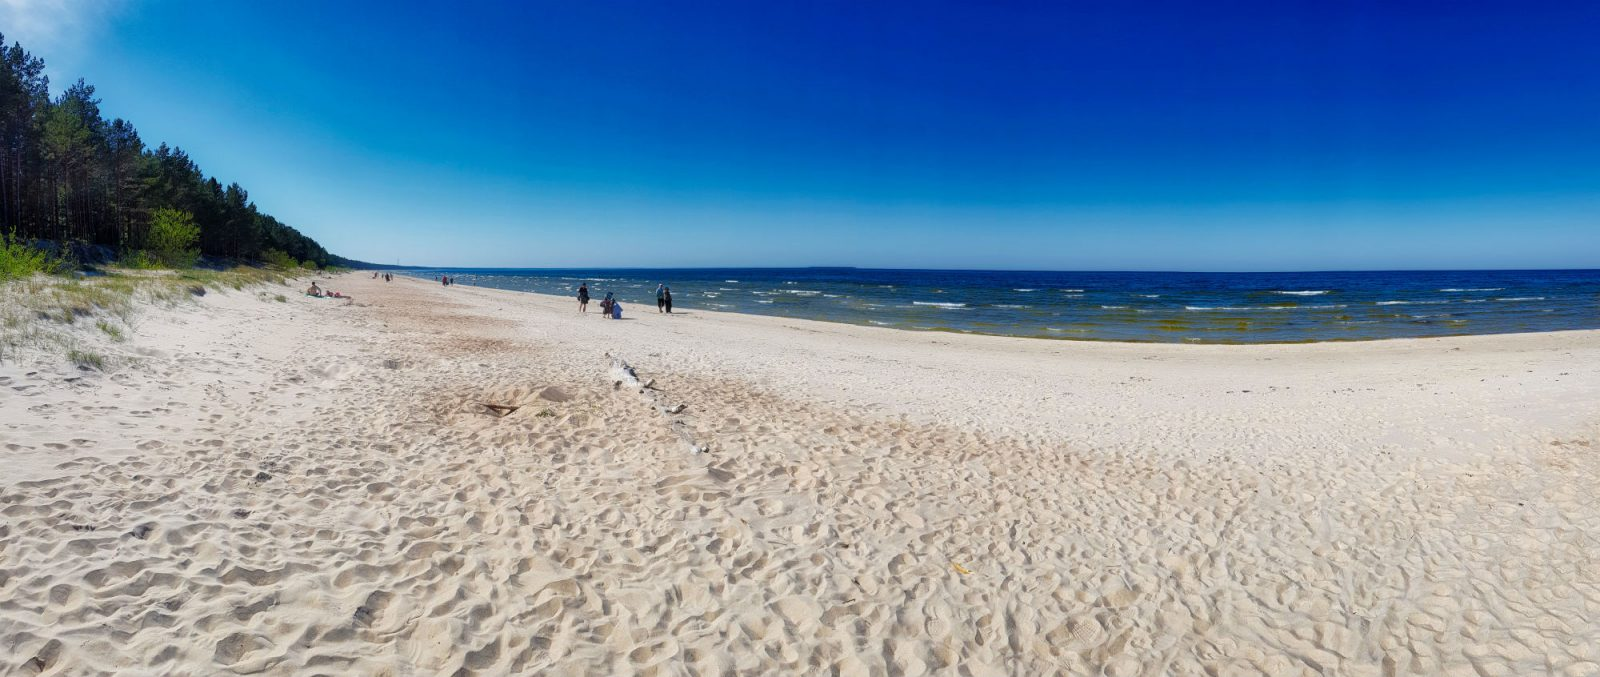 Ragaciems beach Escaperies